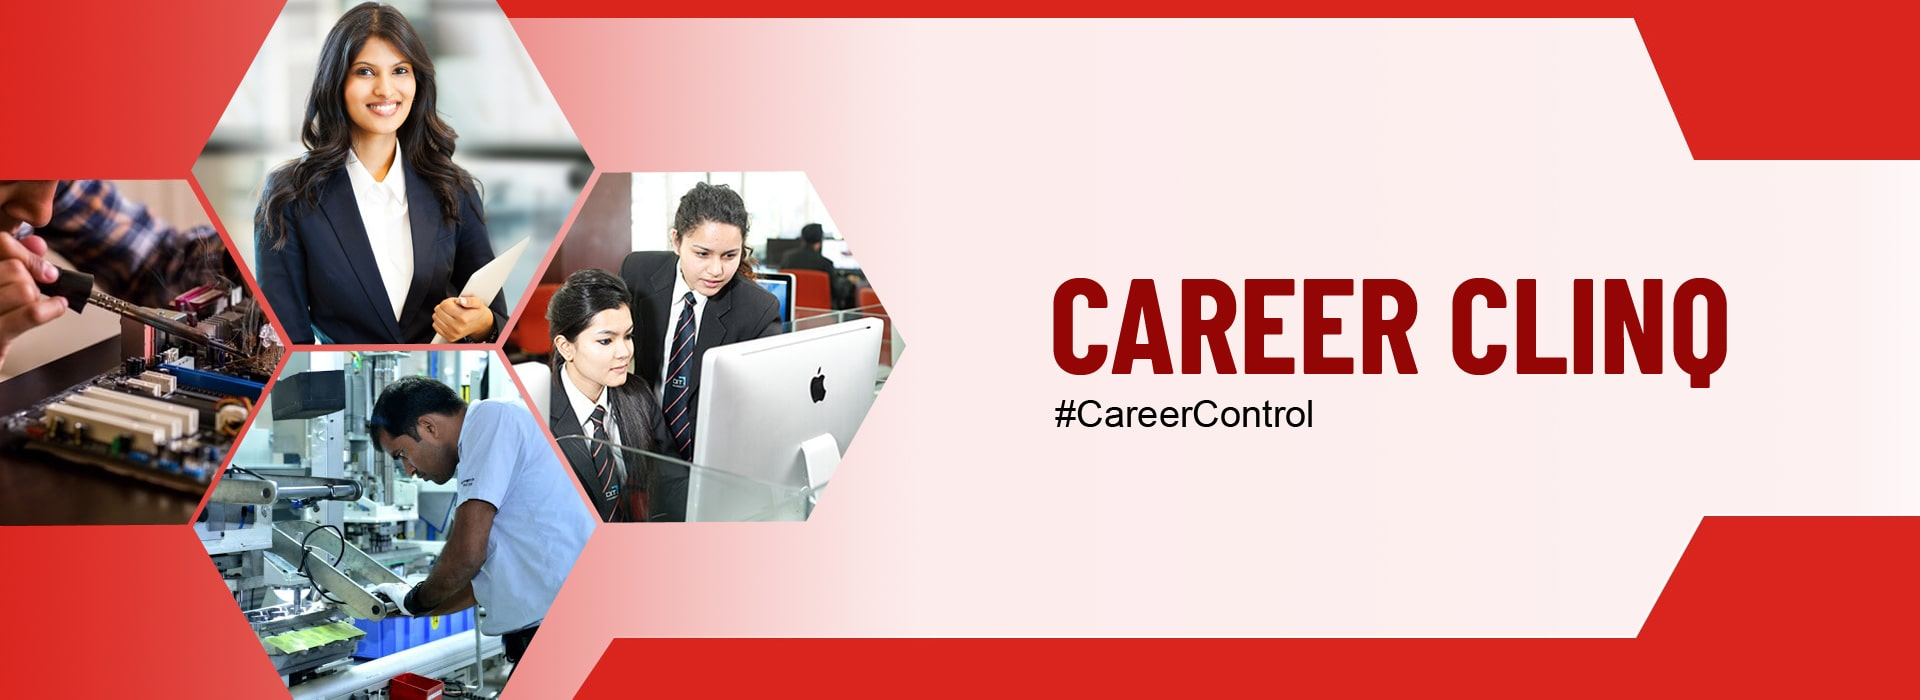 Career Clinic